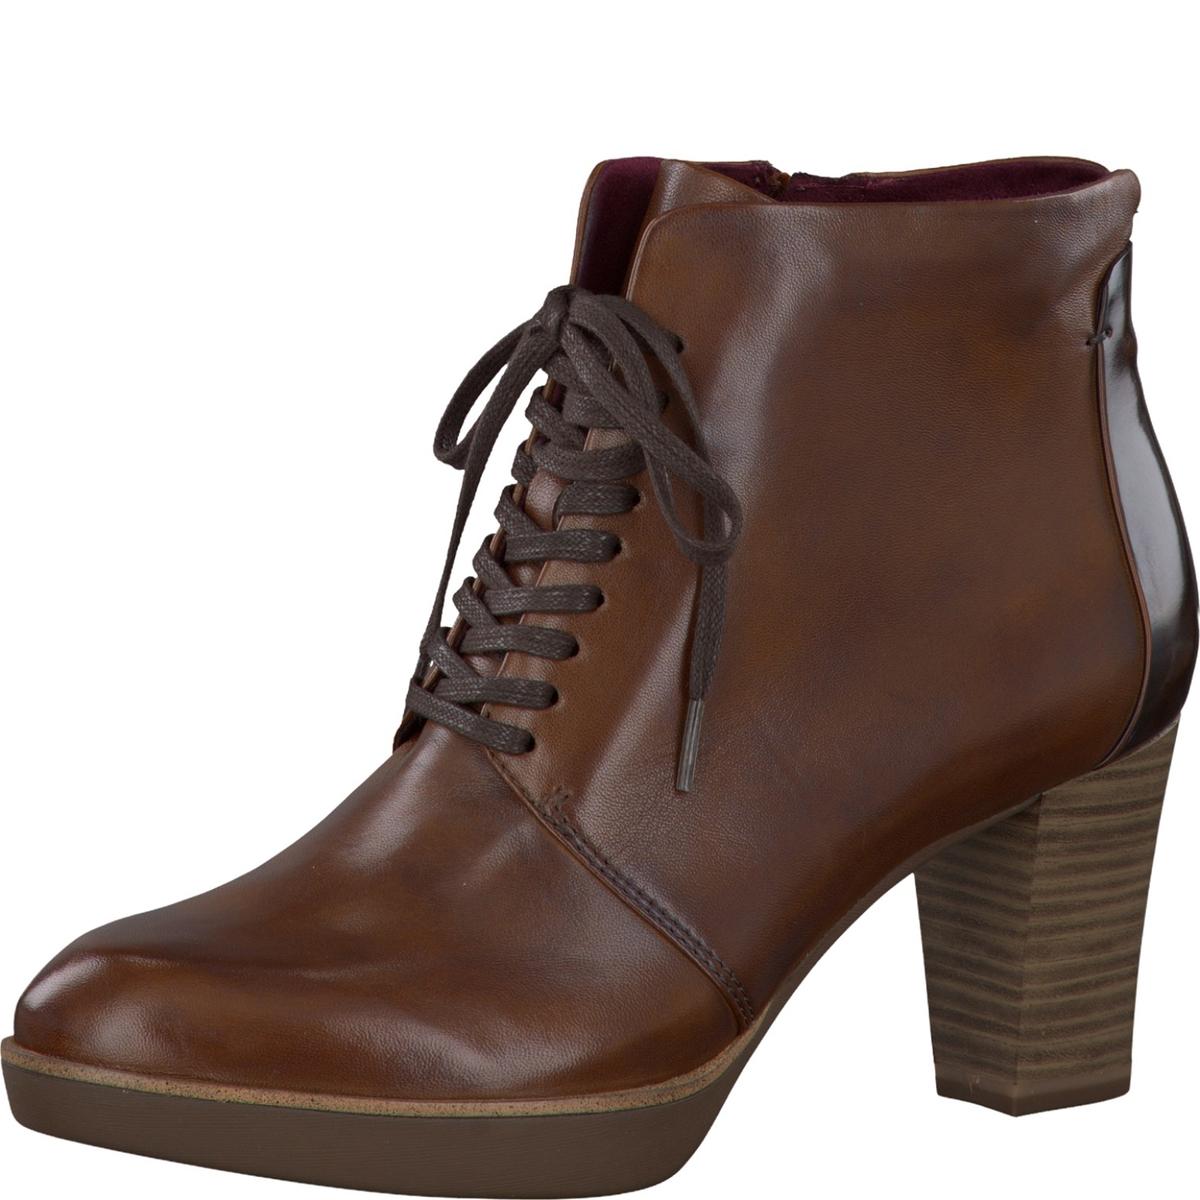 Ботинки кожаныеДетали •  Высота голенища : 10 см, размер 37  •  Высота каблука : 7,5 см •  Застежка : шнуровка •  Круглый мысок •  Гладкая отделкаСостав и уход • Верх/Голенище 50% кожи, 50% синтетики   •  Подкладка 50% кожи, 50% текстиля<br><br>Цвет: каштановый